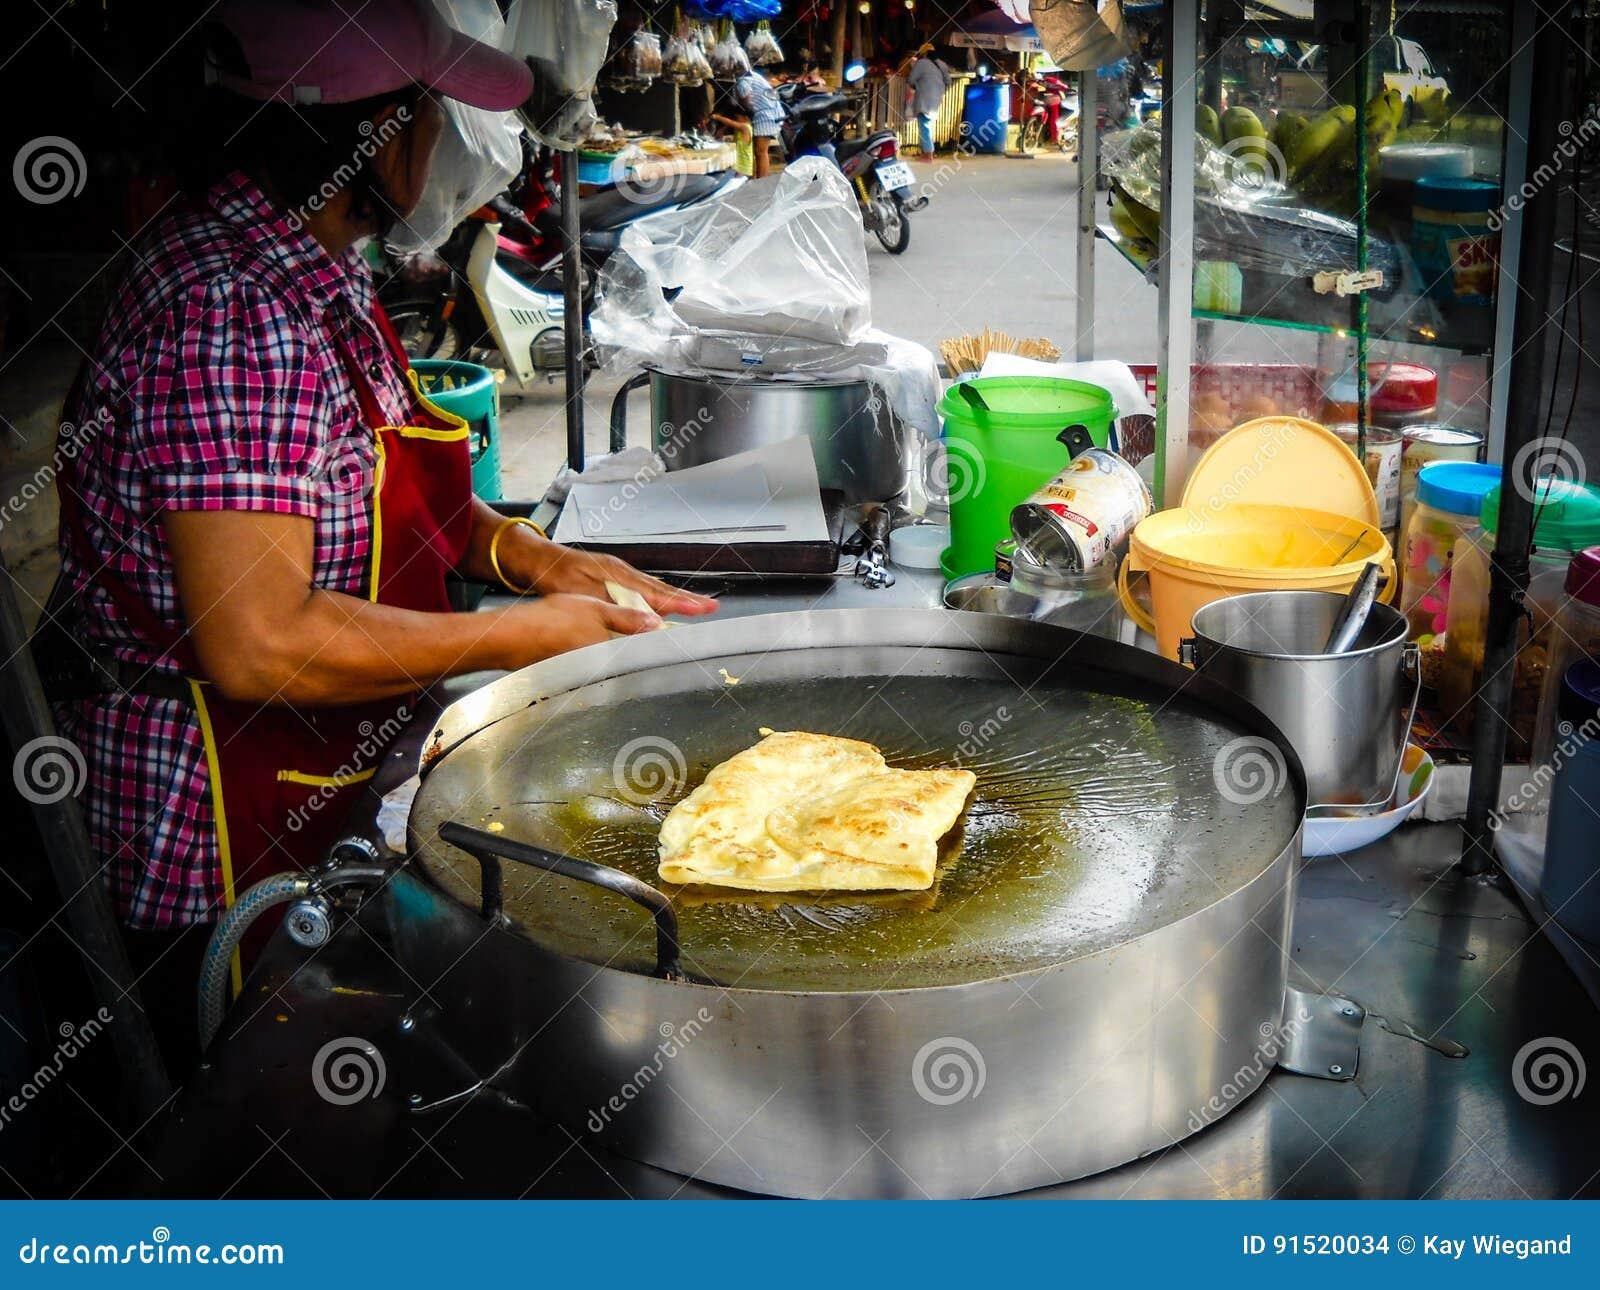 Grande atmosfera em um mercado do alimento da noite Perto do krabi